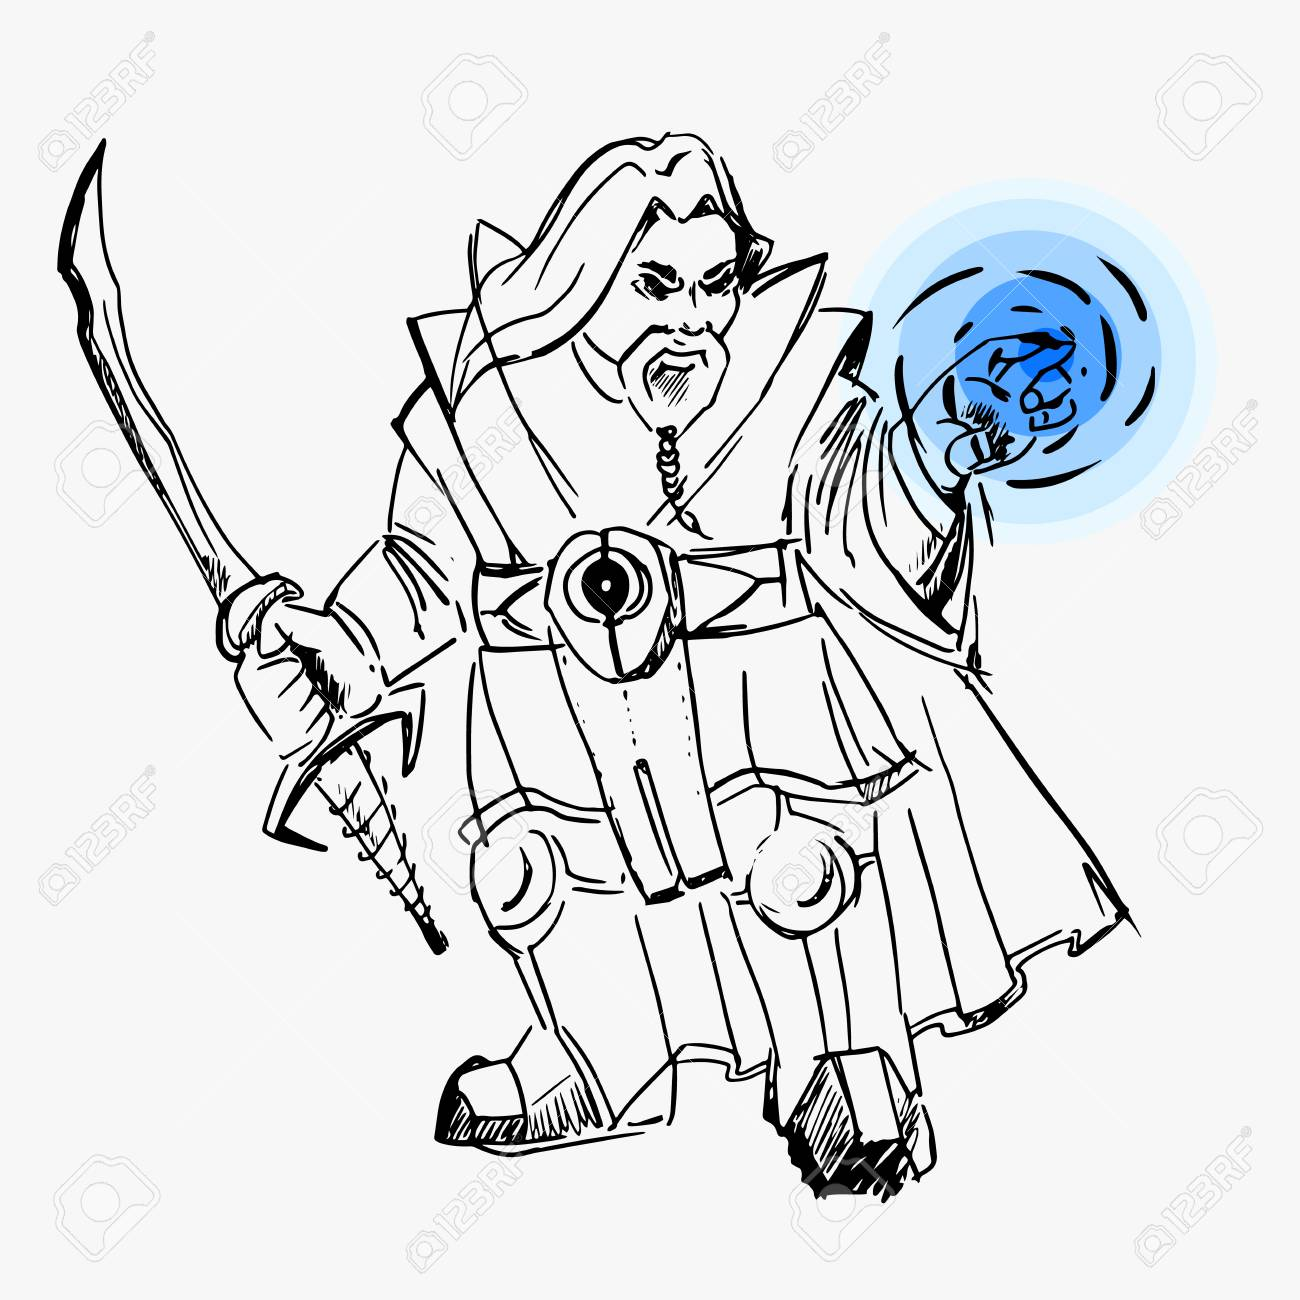 1300x1300 Vector, Dwarf Warrior Magician, Line Drawing, Sword, Cloak, Magic